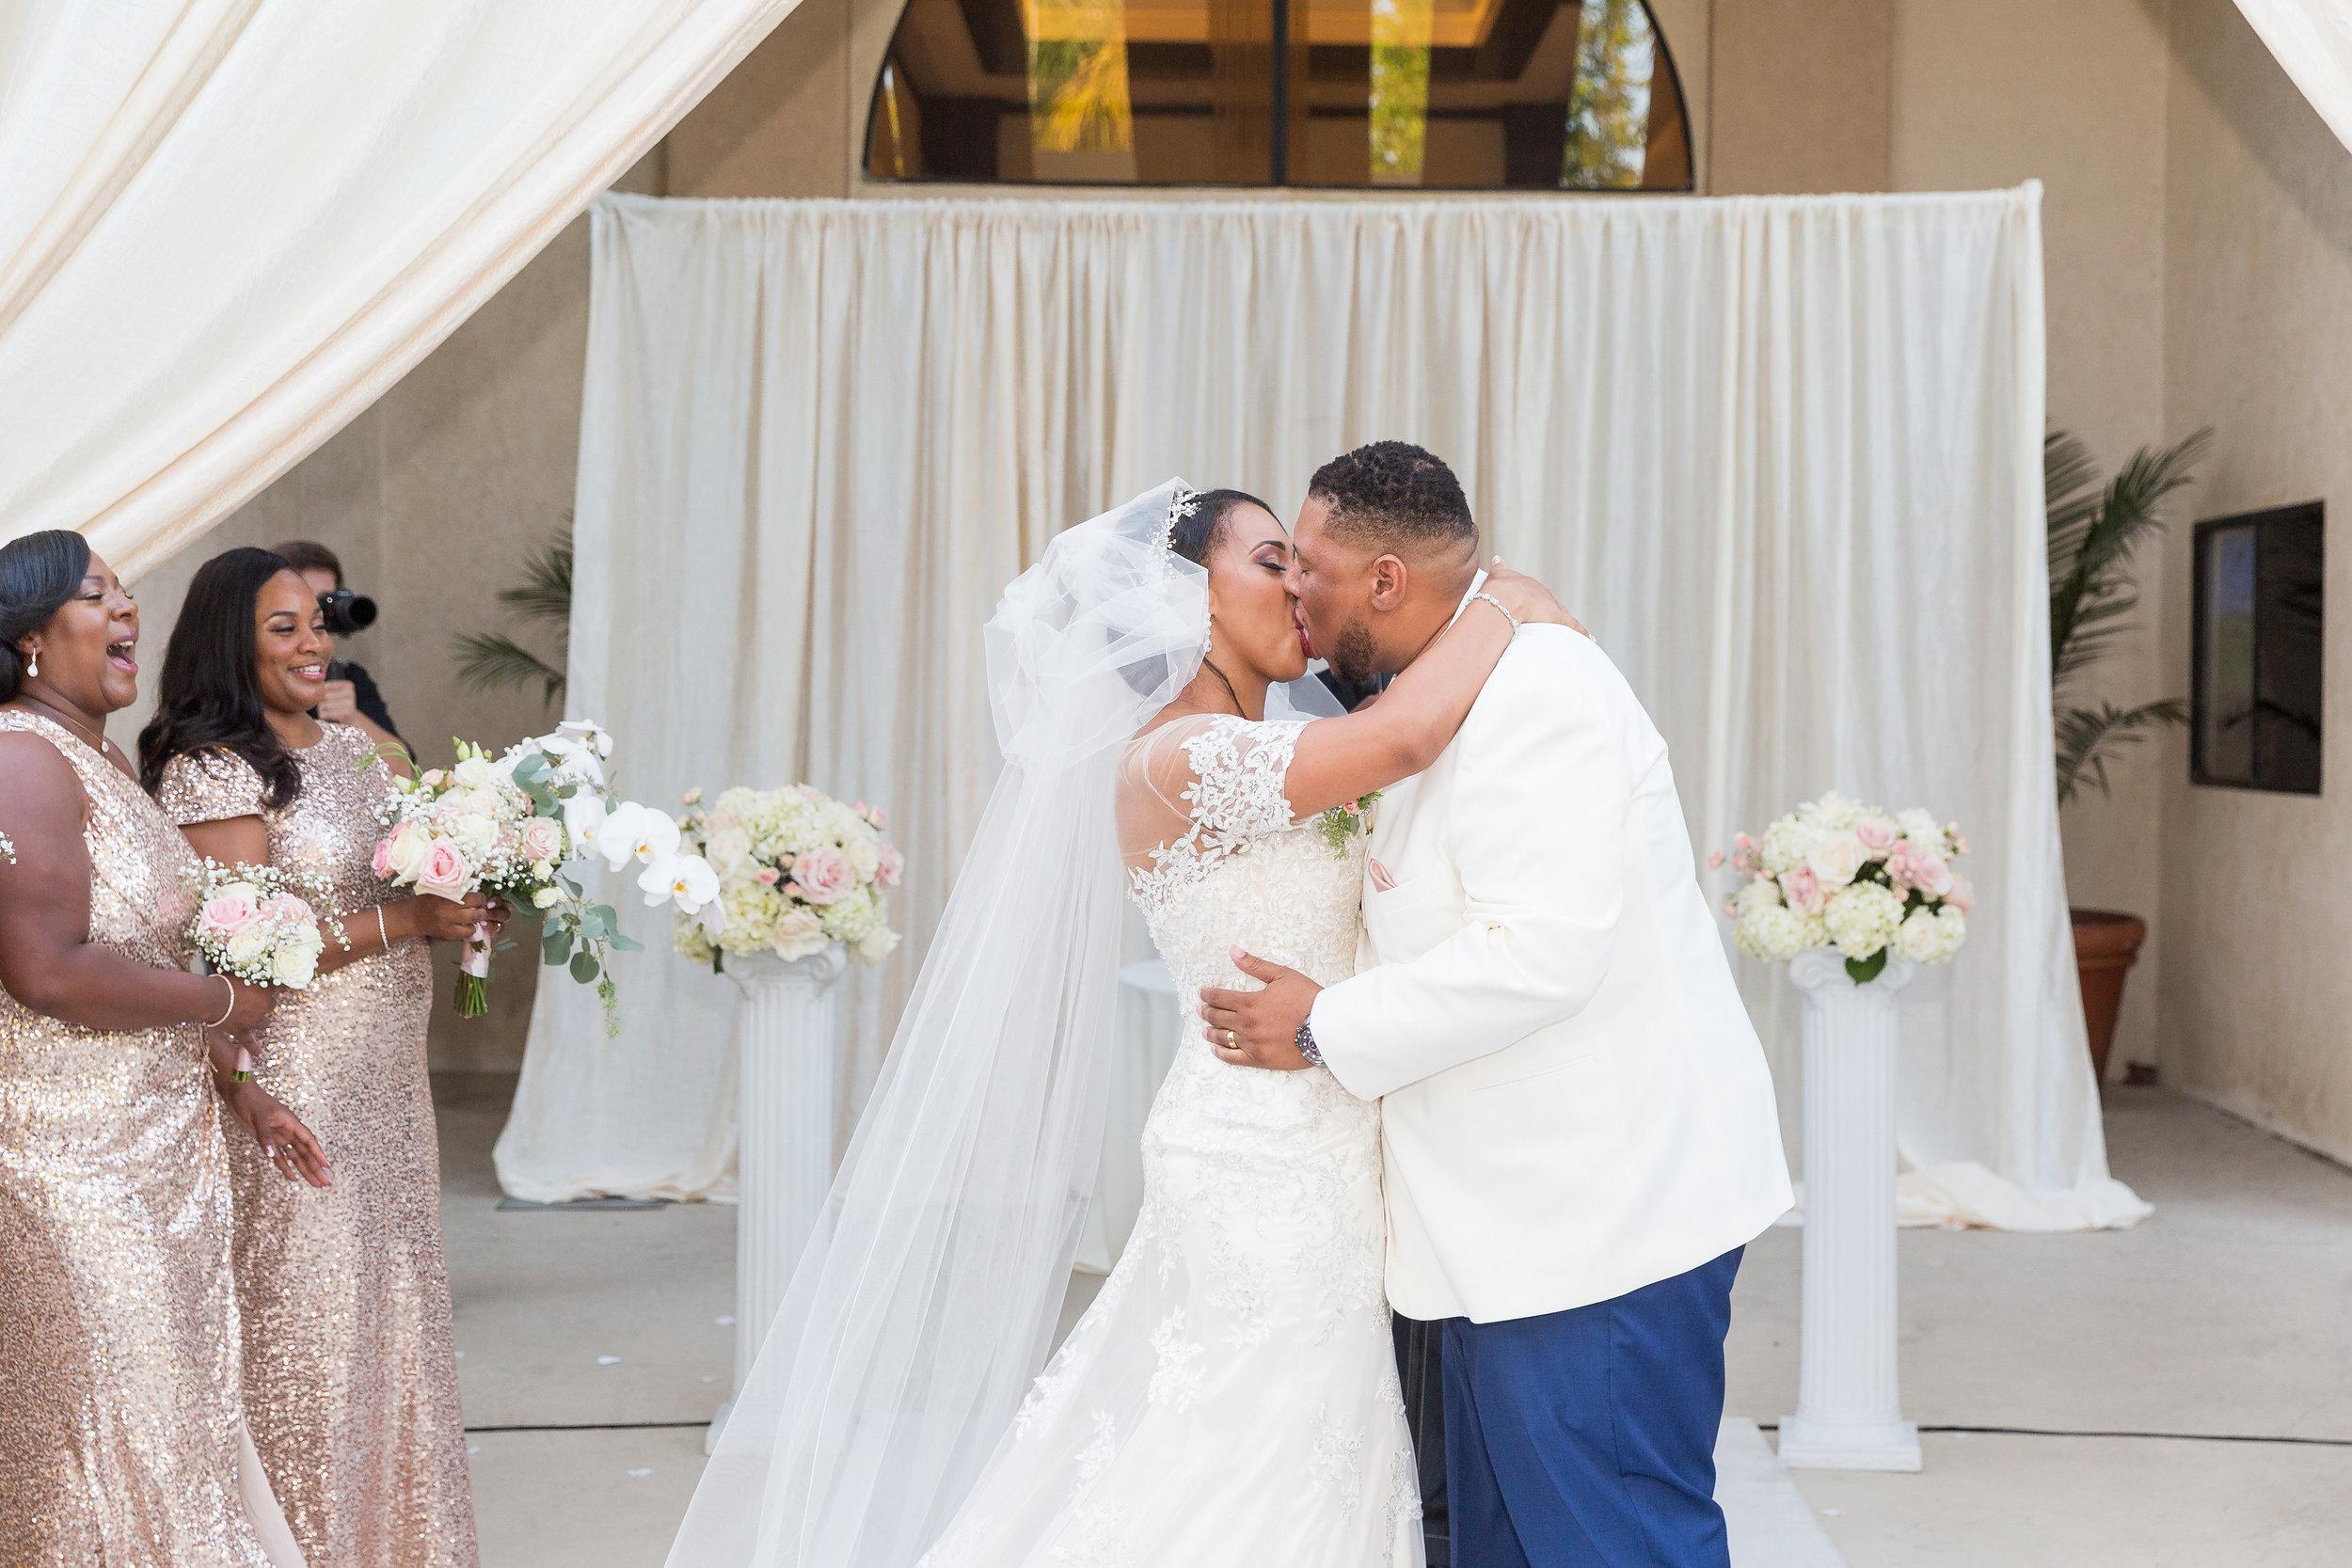 ! Long Beach Wedding Kiss at The Grand.jpg